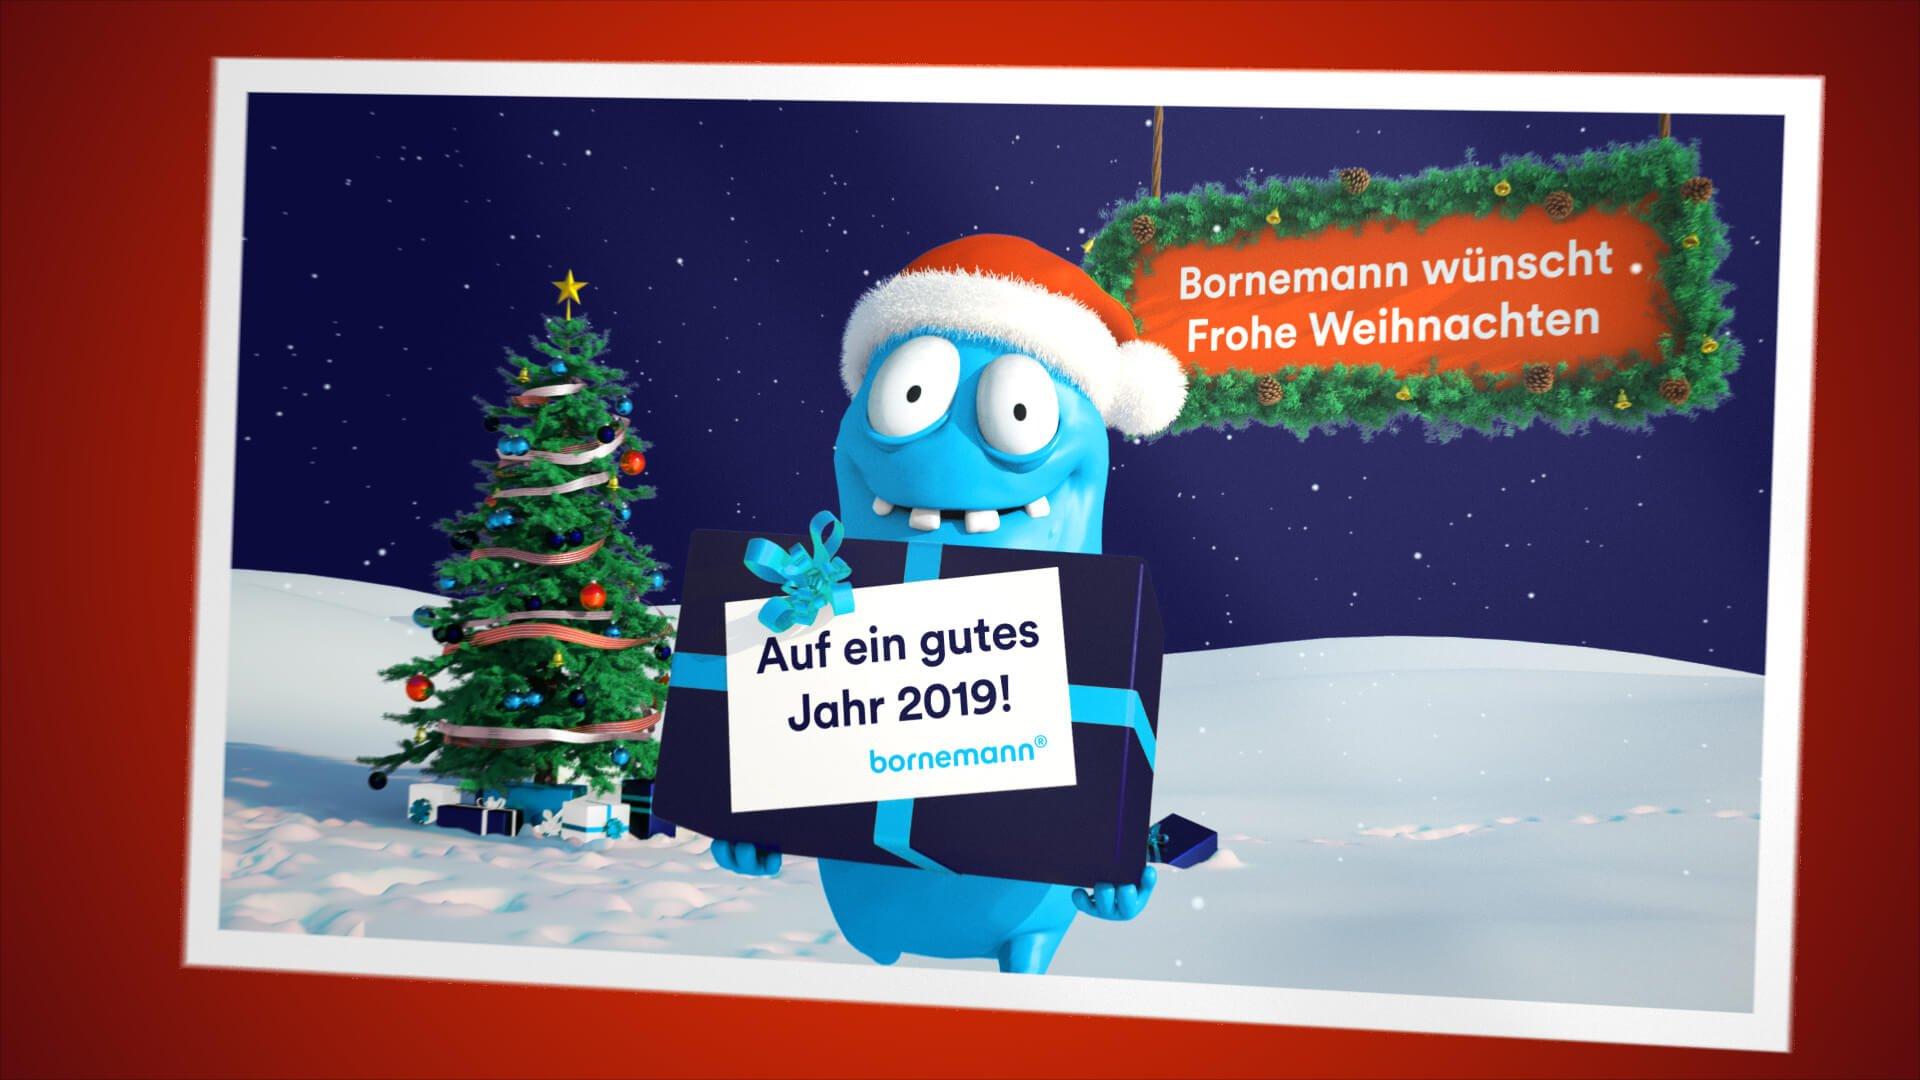 Frohe Weihnachten Und Guten Rutsch In Neues Jahr.Bornemann Wunscht Frohe Weihnachten Ein Schones